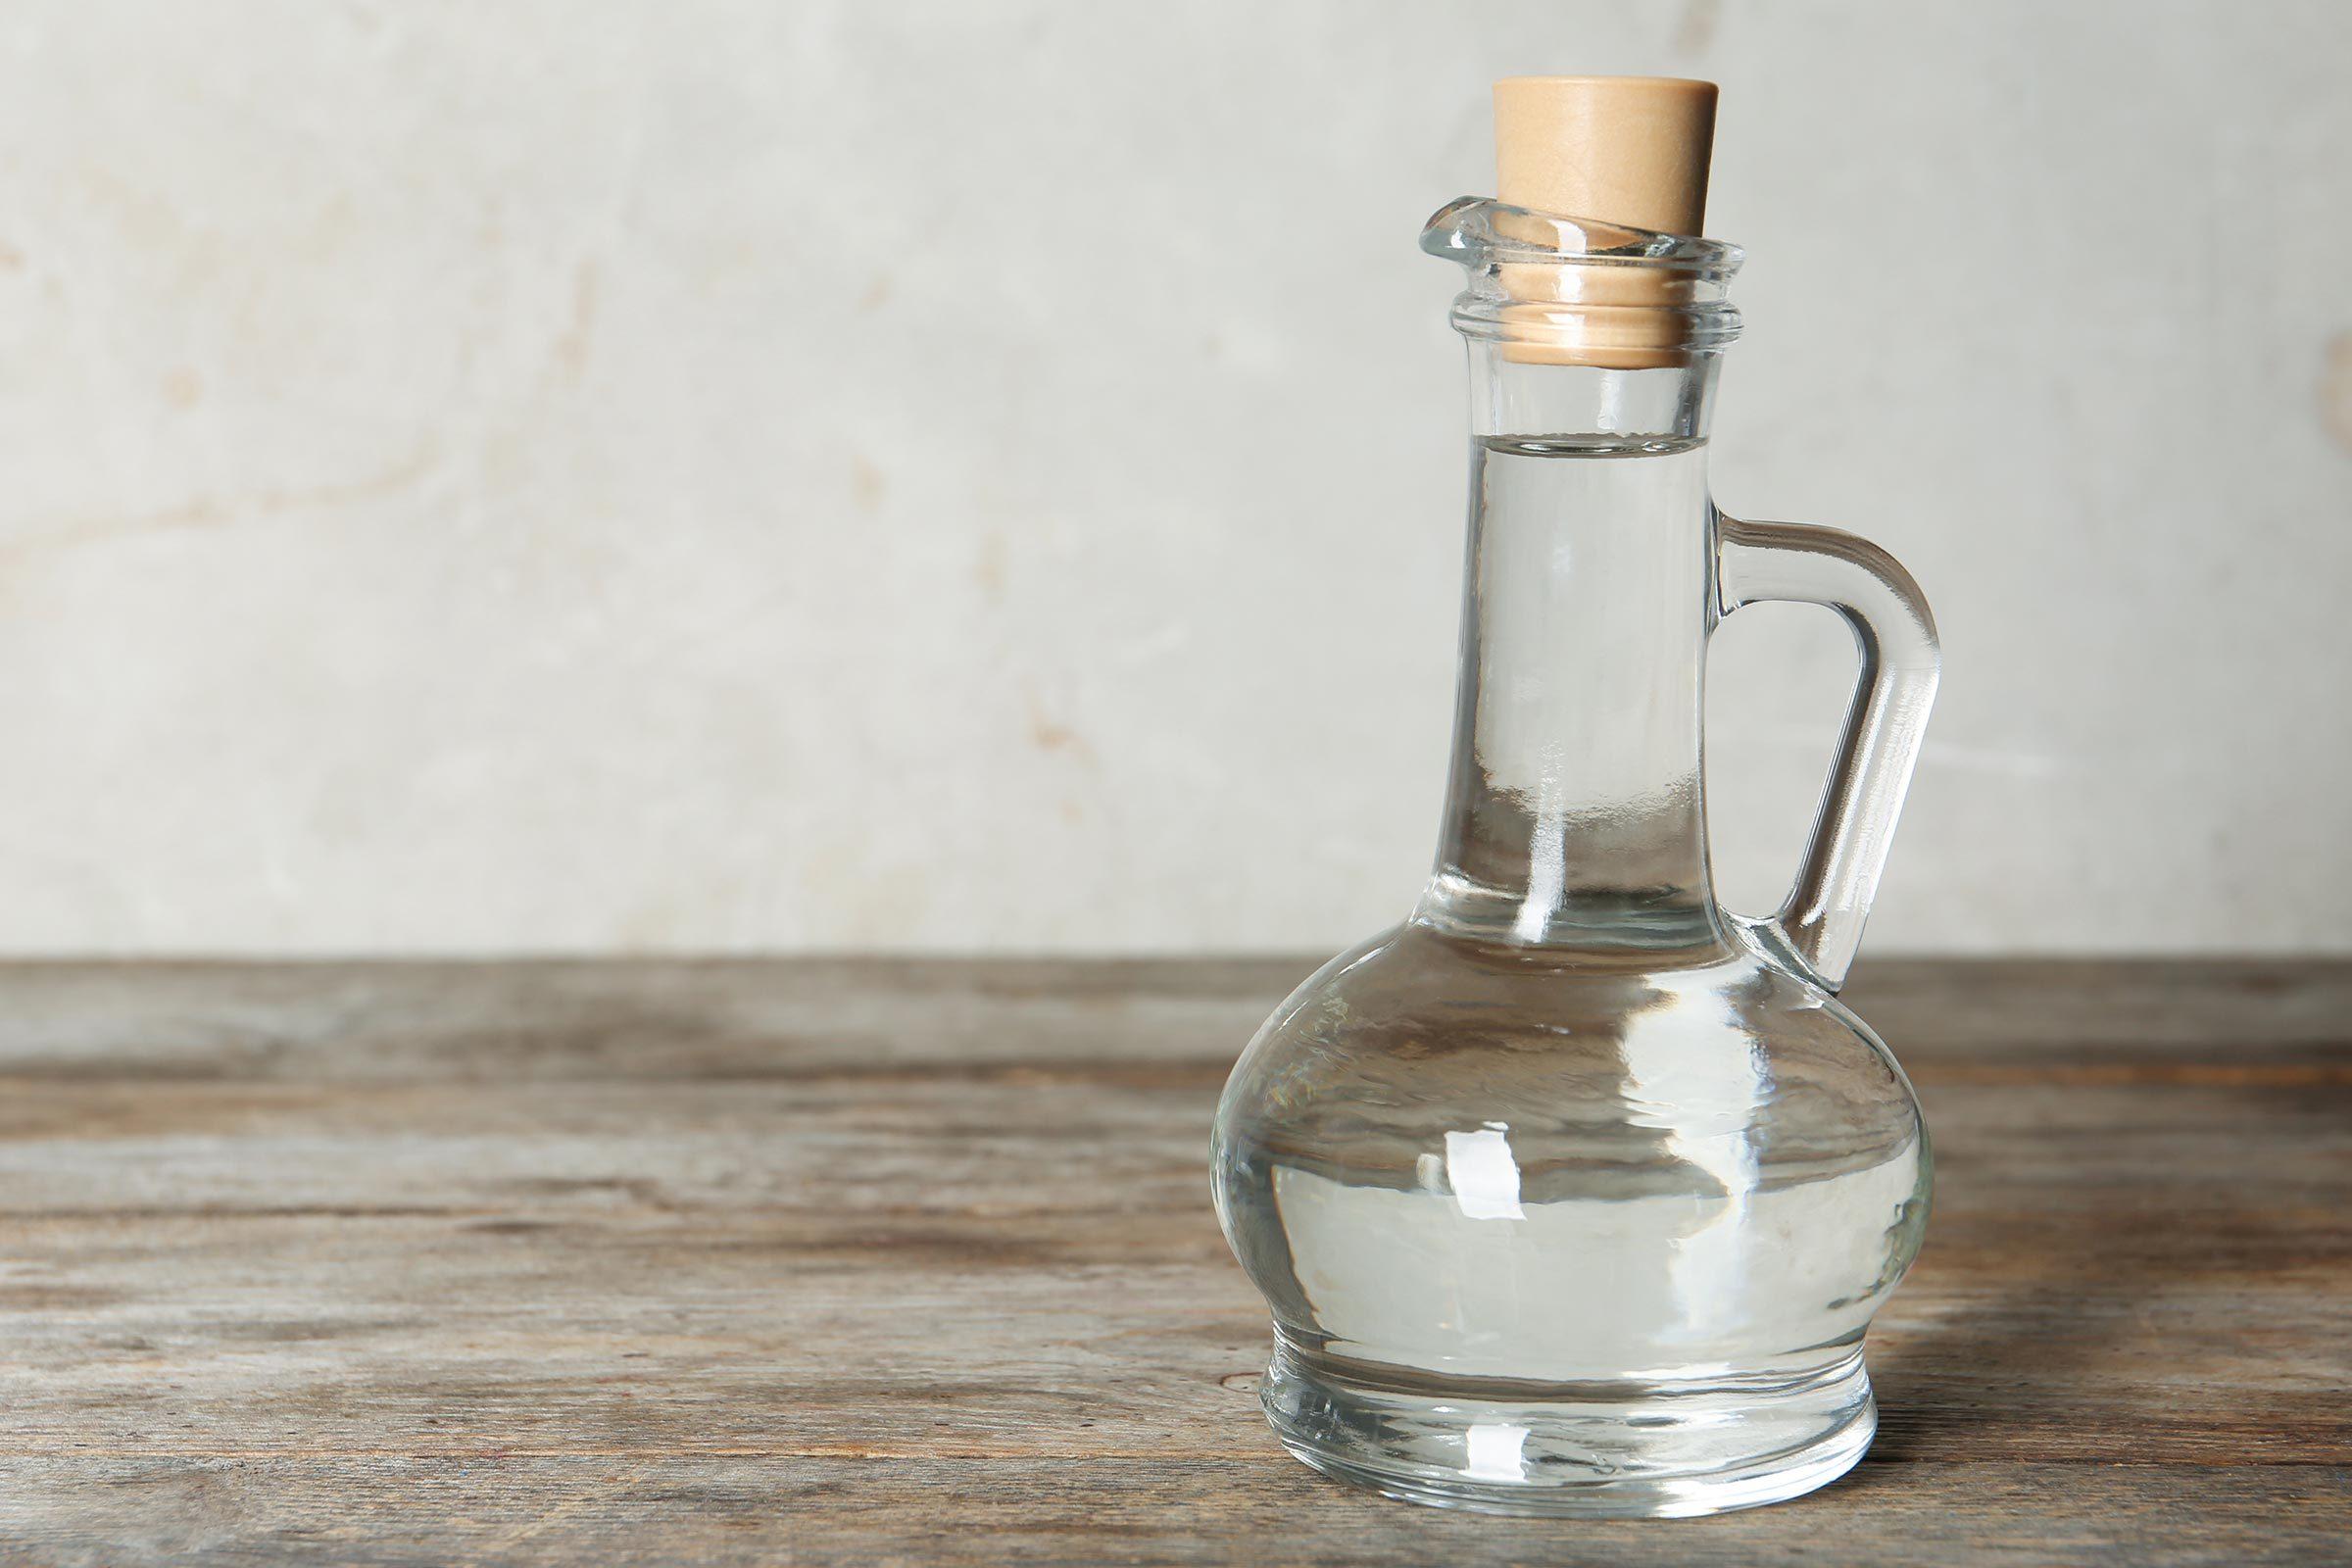 Glass bottle of white vinegar.